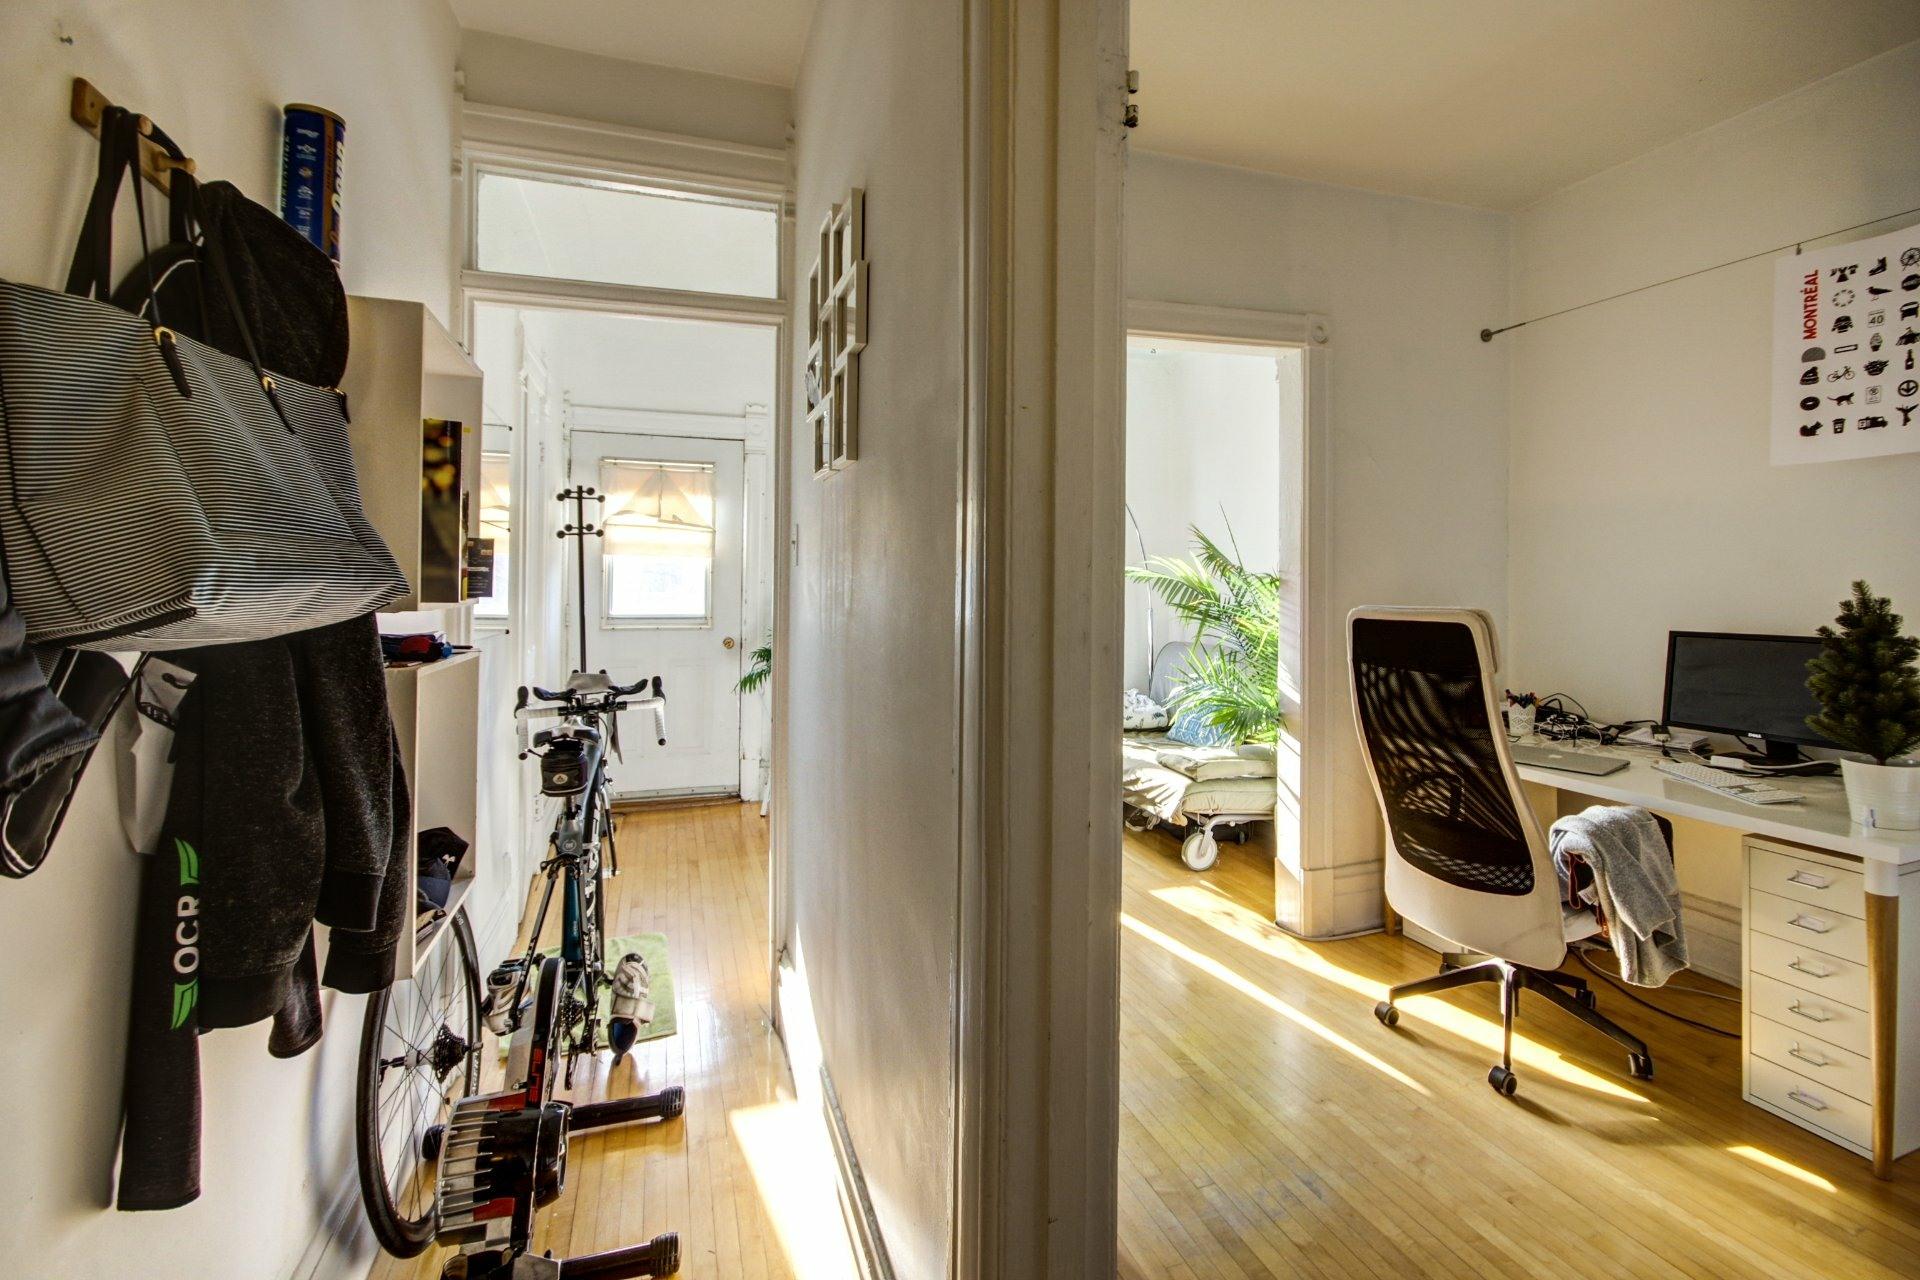 image 27 - Immeuble à revenus À vendre Montréal Le Plateau-Mont-Royal  - 5 pièces